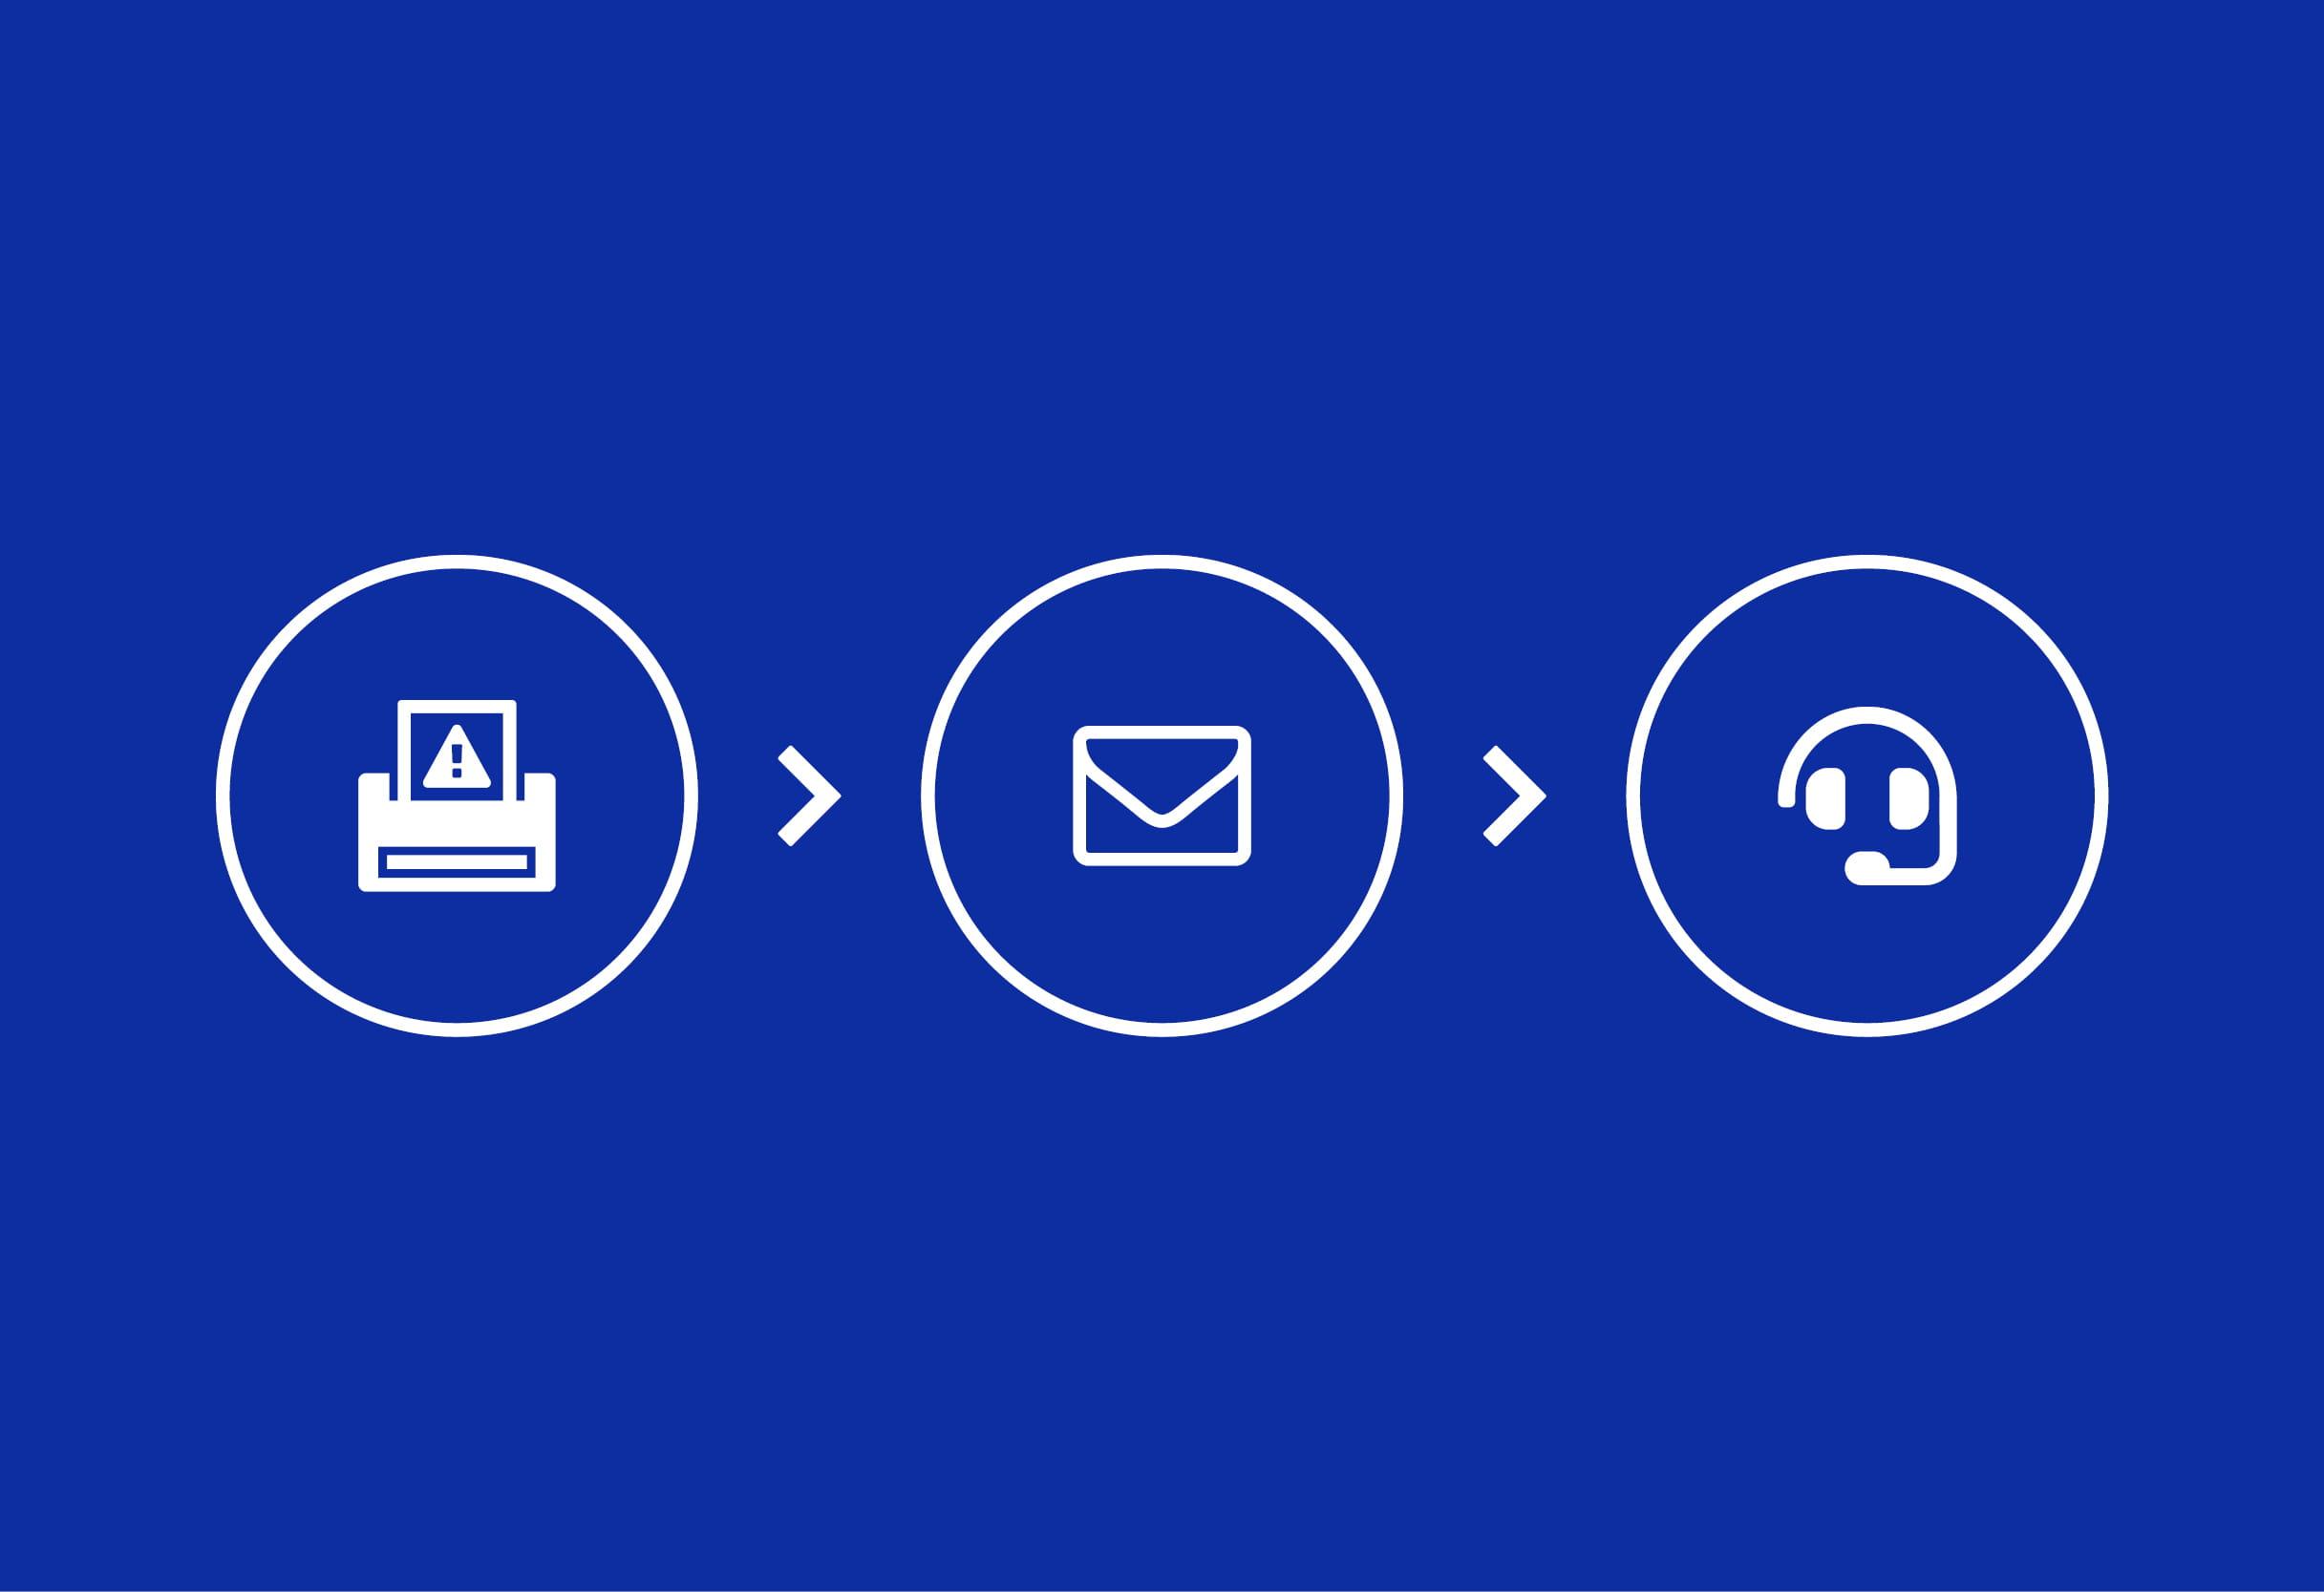 Tulostinkuvake, sähköpostikuvake ja yhteydenottokuvake